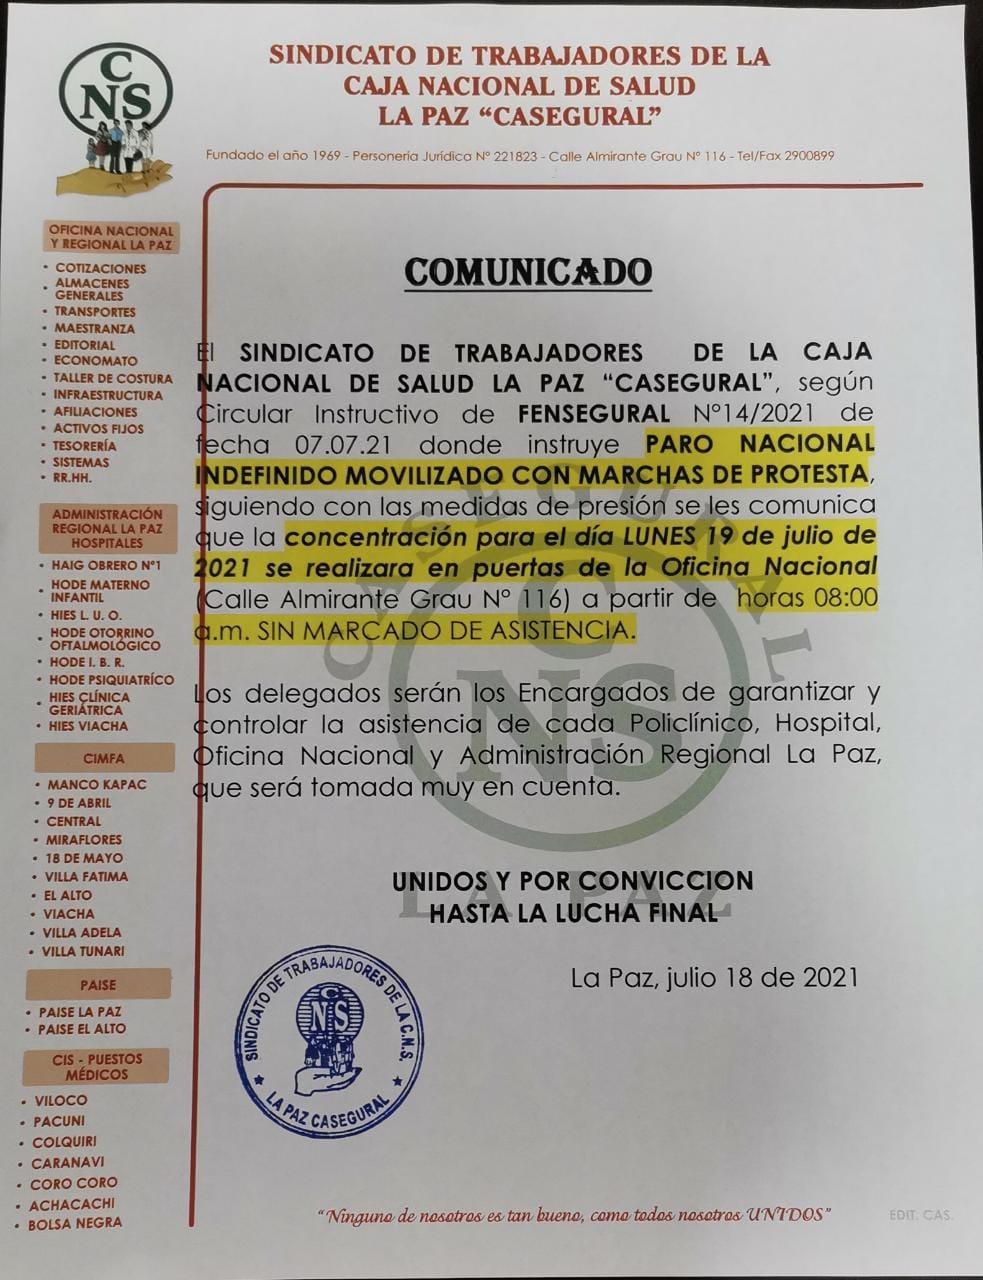 Trabajadores de la Caja Nacional de Salud y enfermos de cáncer radicalizaran paro e indefinido contra Silvia  Gallegos